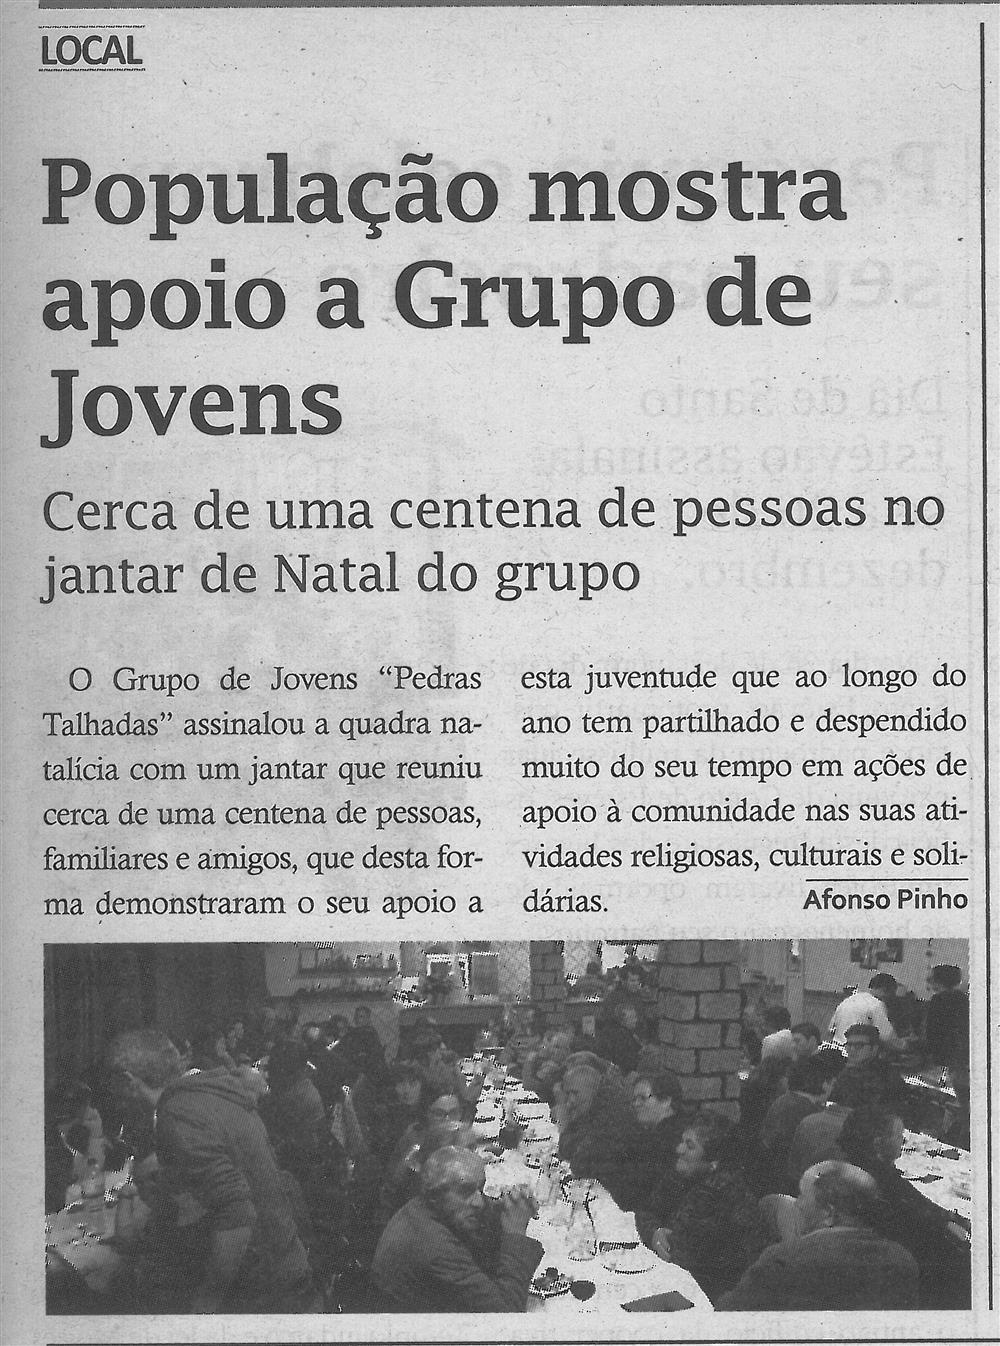 TV-jan.'18-p.11-População mostra apoio a Grupo de Jovens : cerca de uma centena de pessoas no jantar de Natal do Grupo.jpg